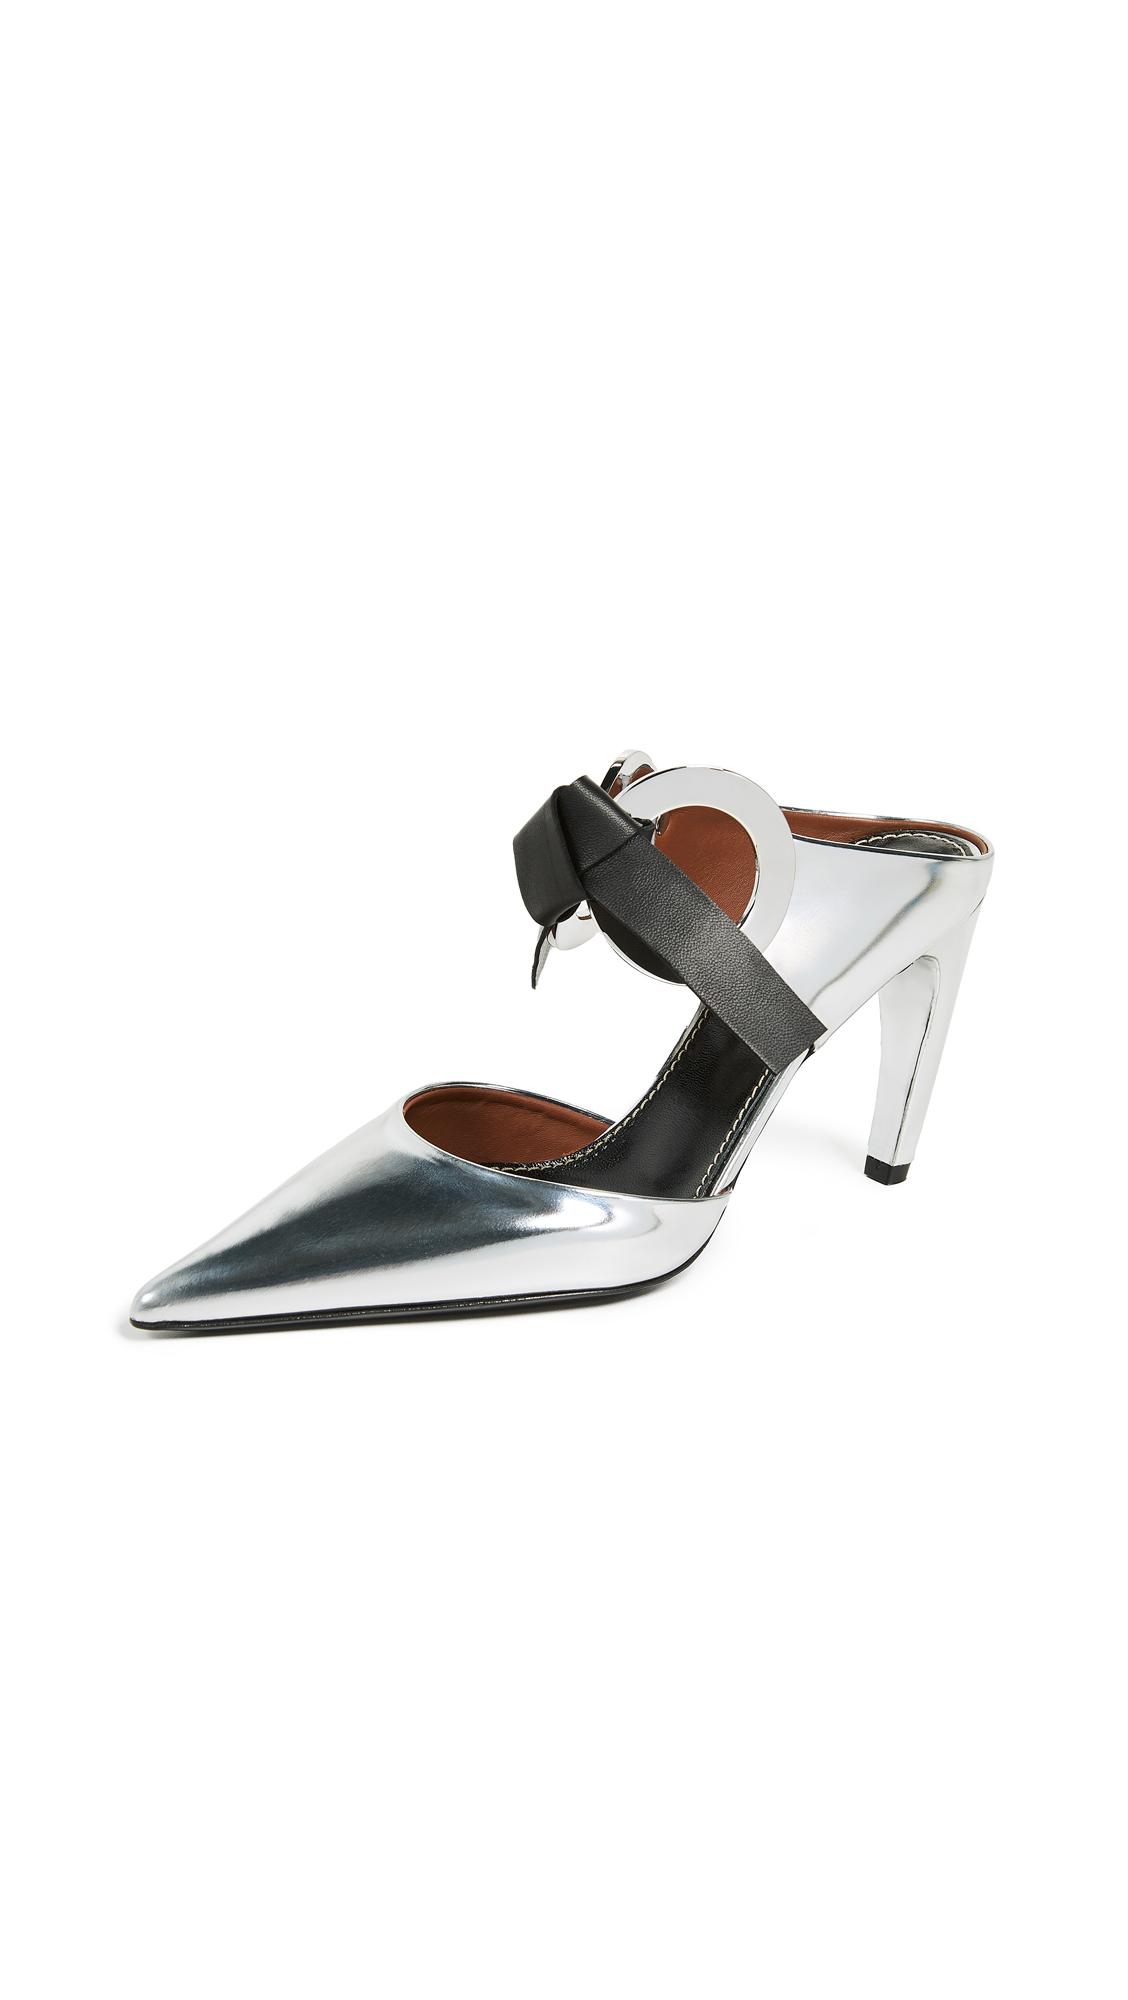 Proenza Schouler Tie High Heel Mules - Silver